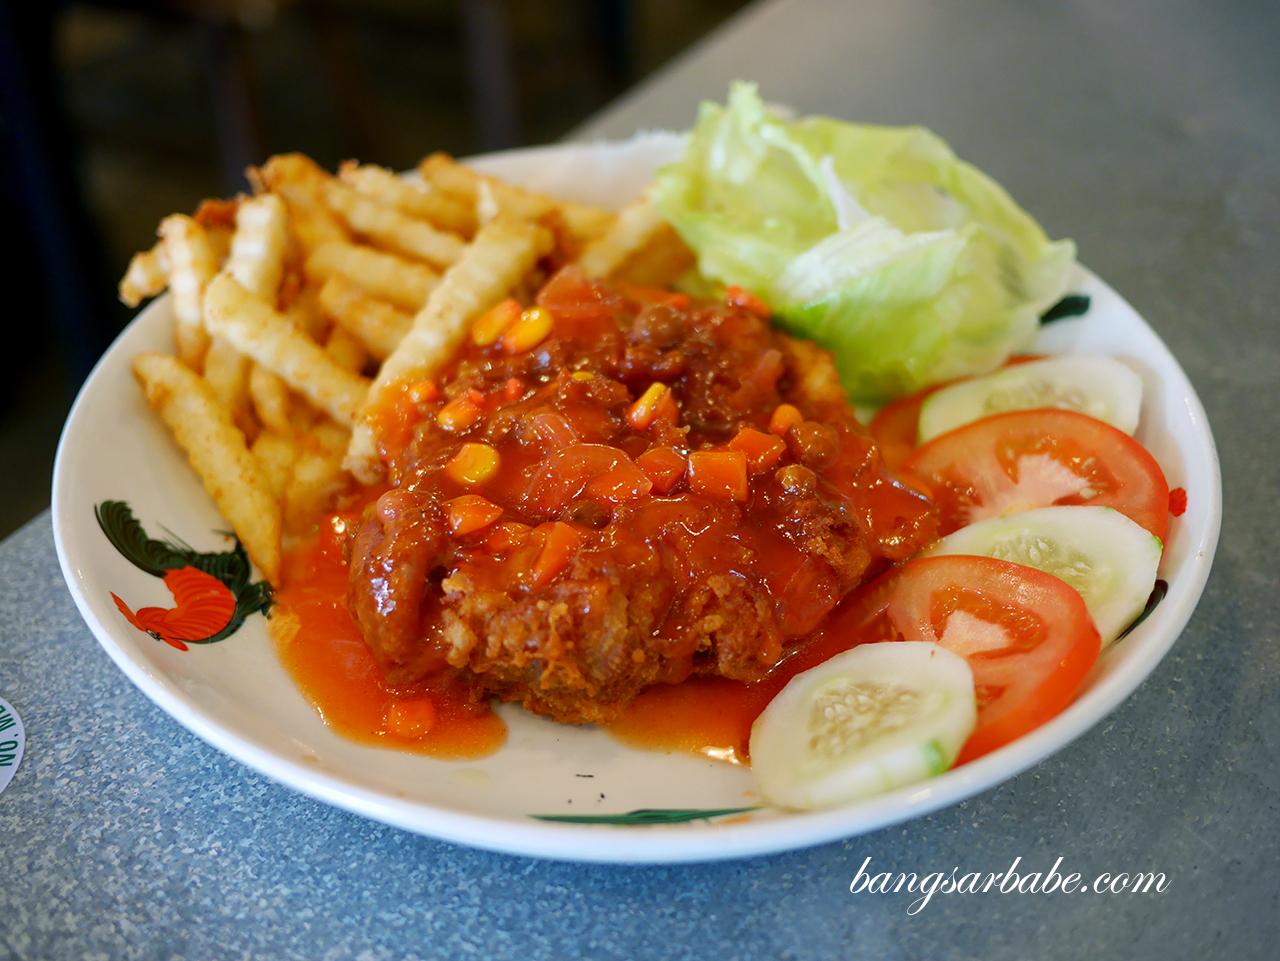 Hainanese Chicken Chop